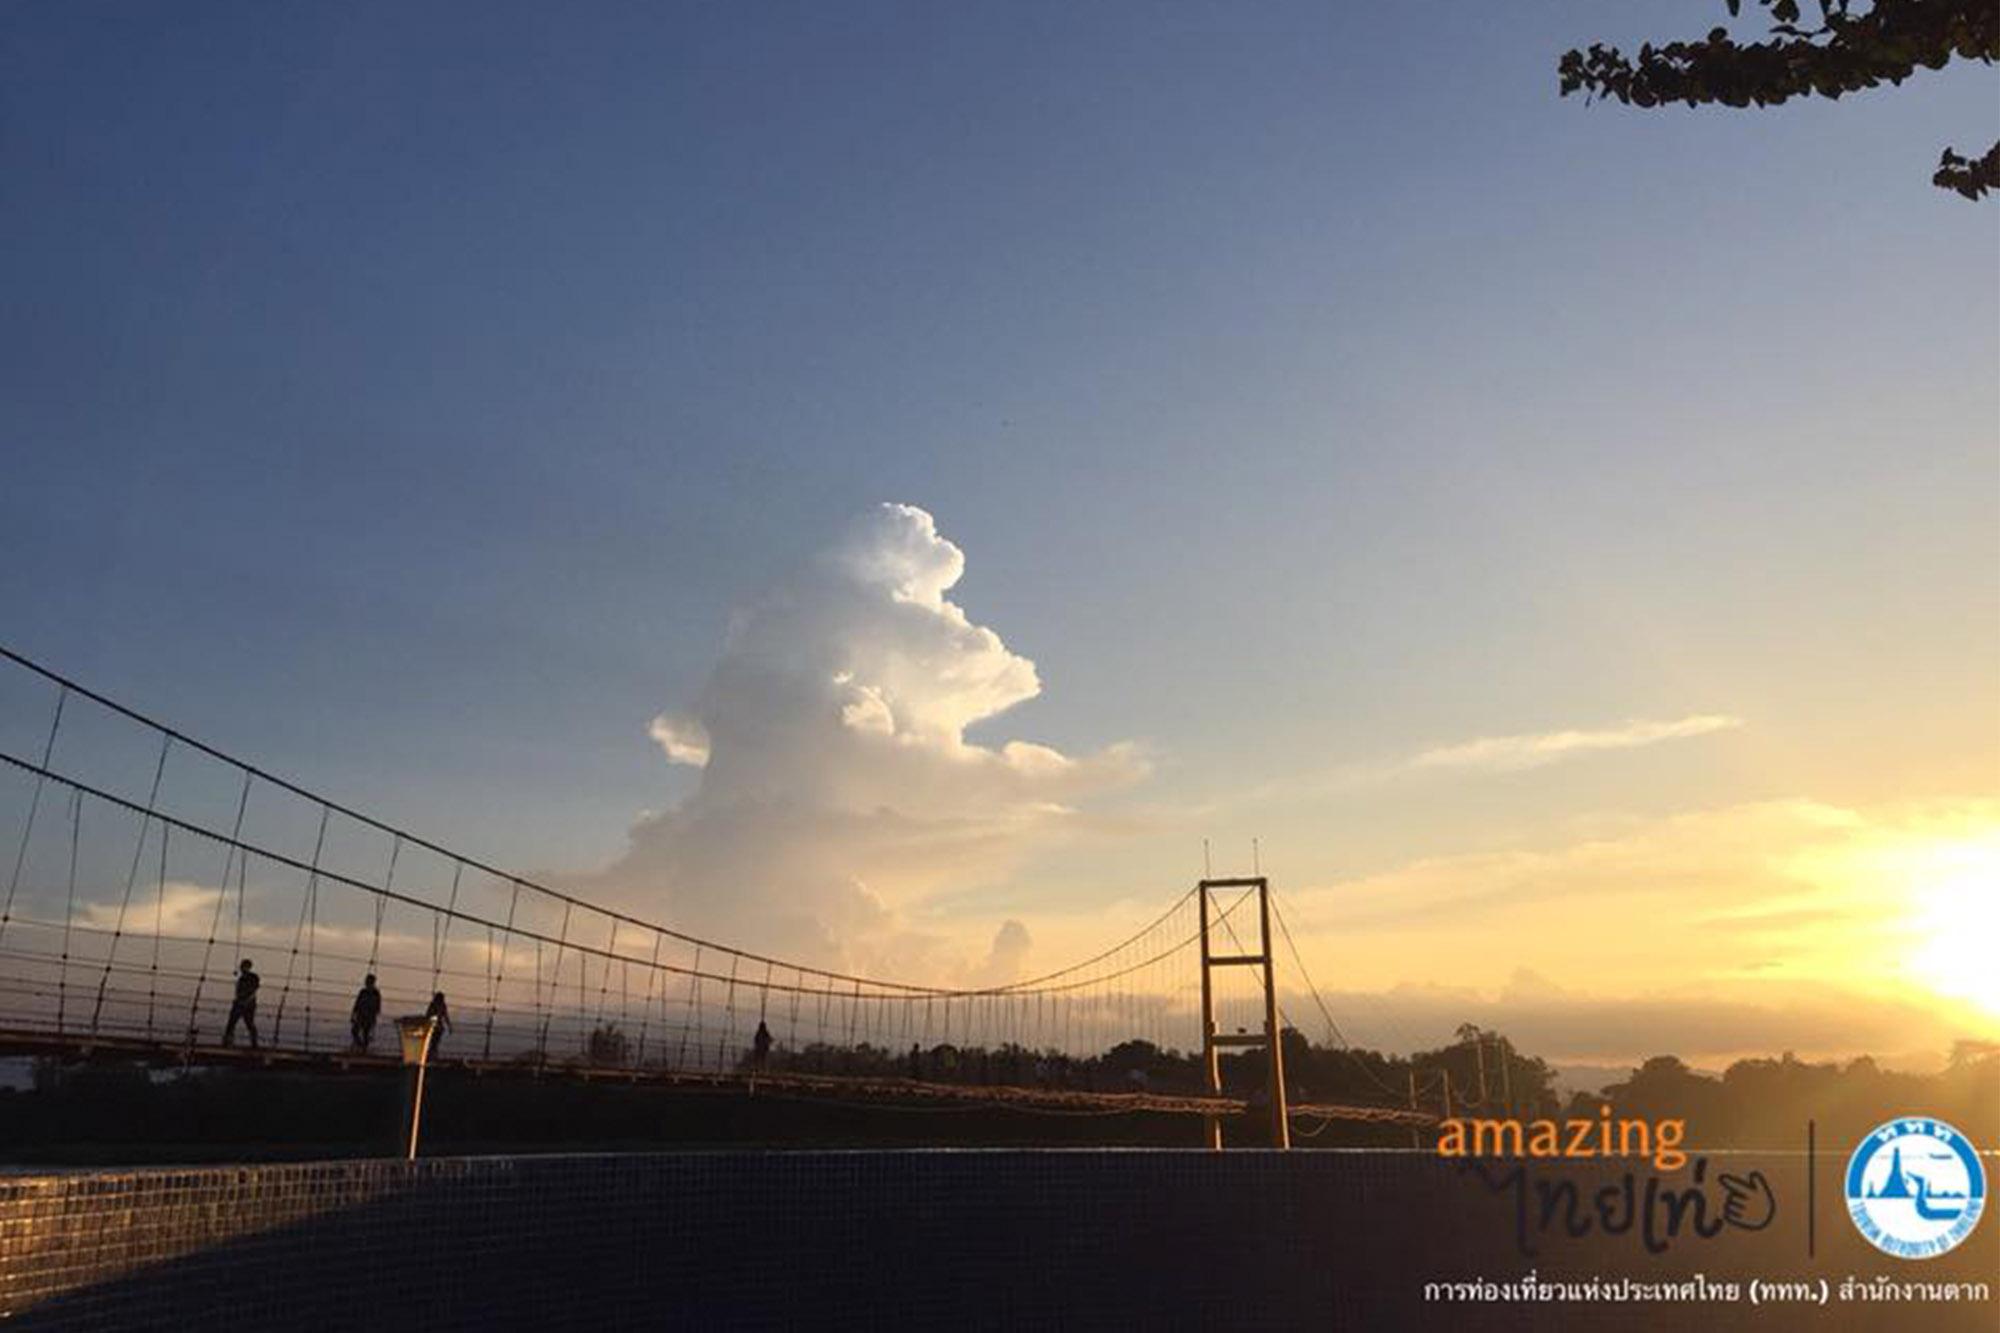 達府 拉達那哥欣二百年紀念橋 達府 水燈節 Rattanakosin Song Roi Pi Bridge 椰子殼 水燈 tak 水燈節